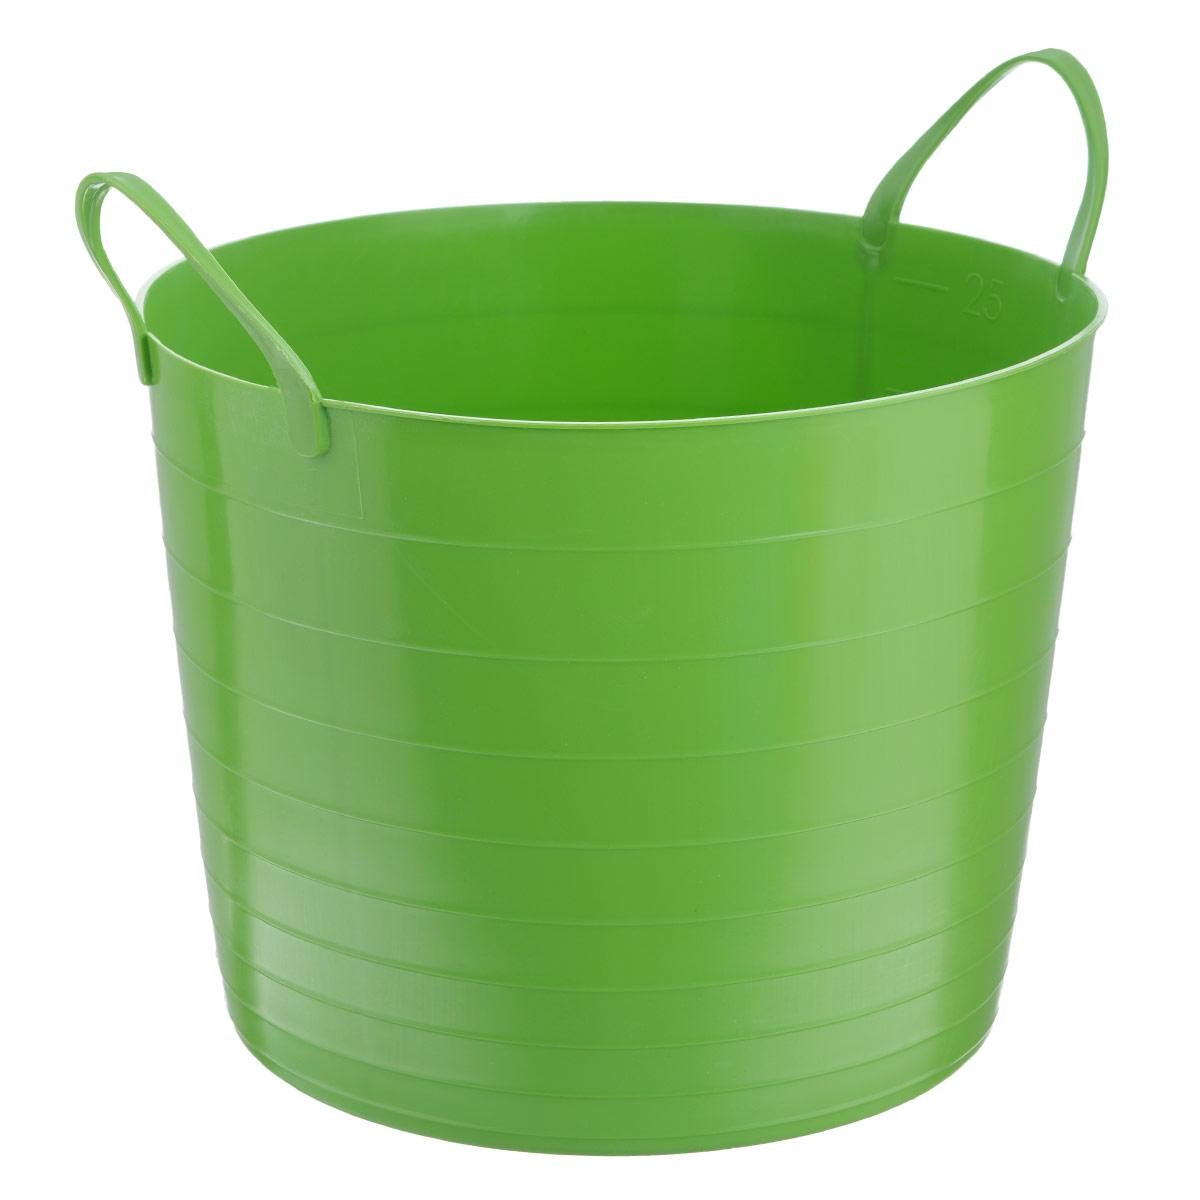 Корзина мягкая Idea, цвет: зеленый, 27 лМ 2881Мягкая корзина Idea изготовлена из гибкого пластика, оснащена двумя удобными ручками. Внутренняя поверхность имеет отметки литража. Размер (без учета ручек): 38 х 38 х 29,5 см.